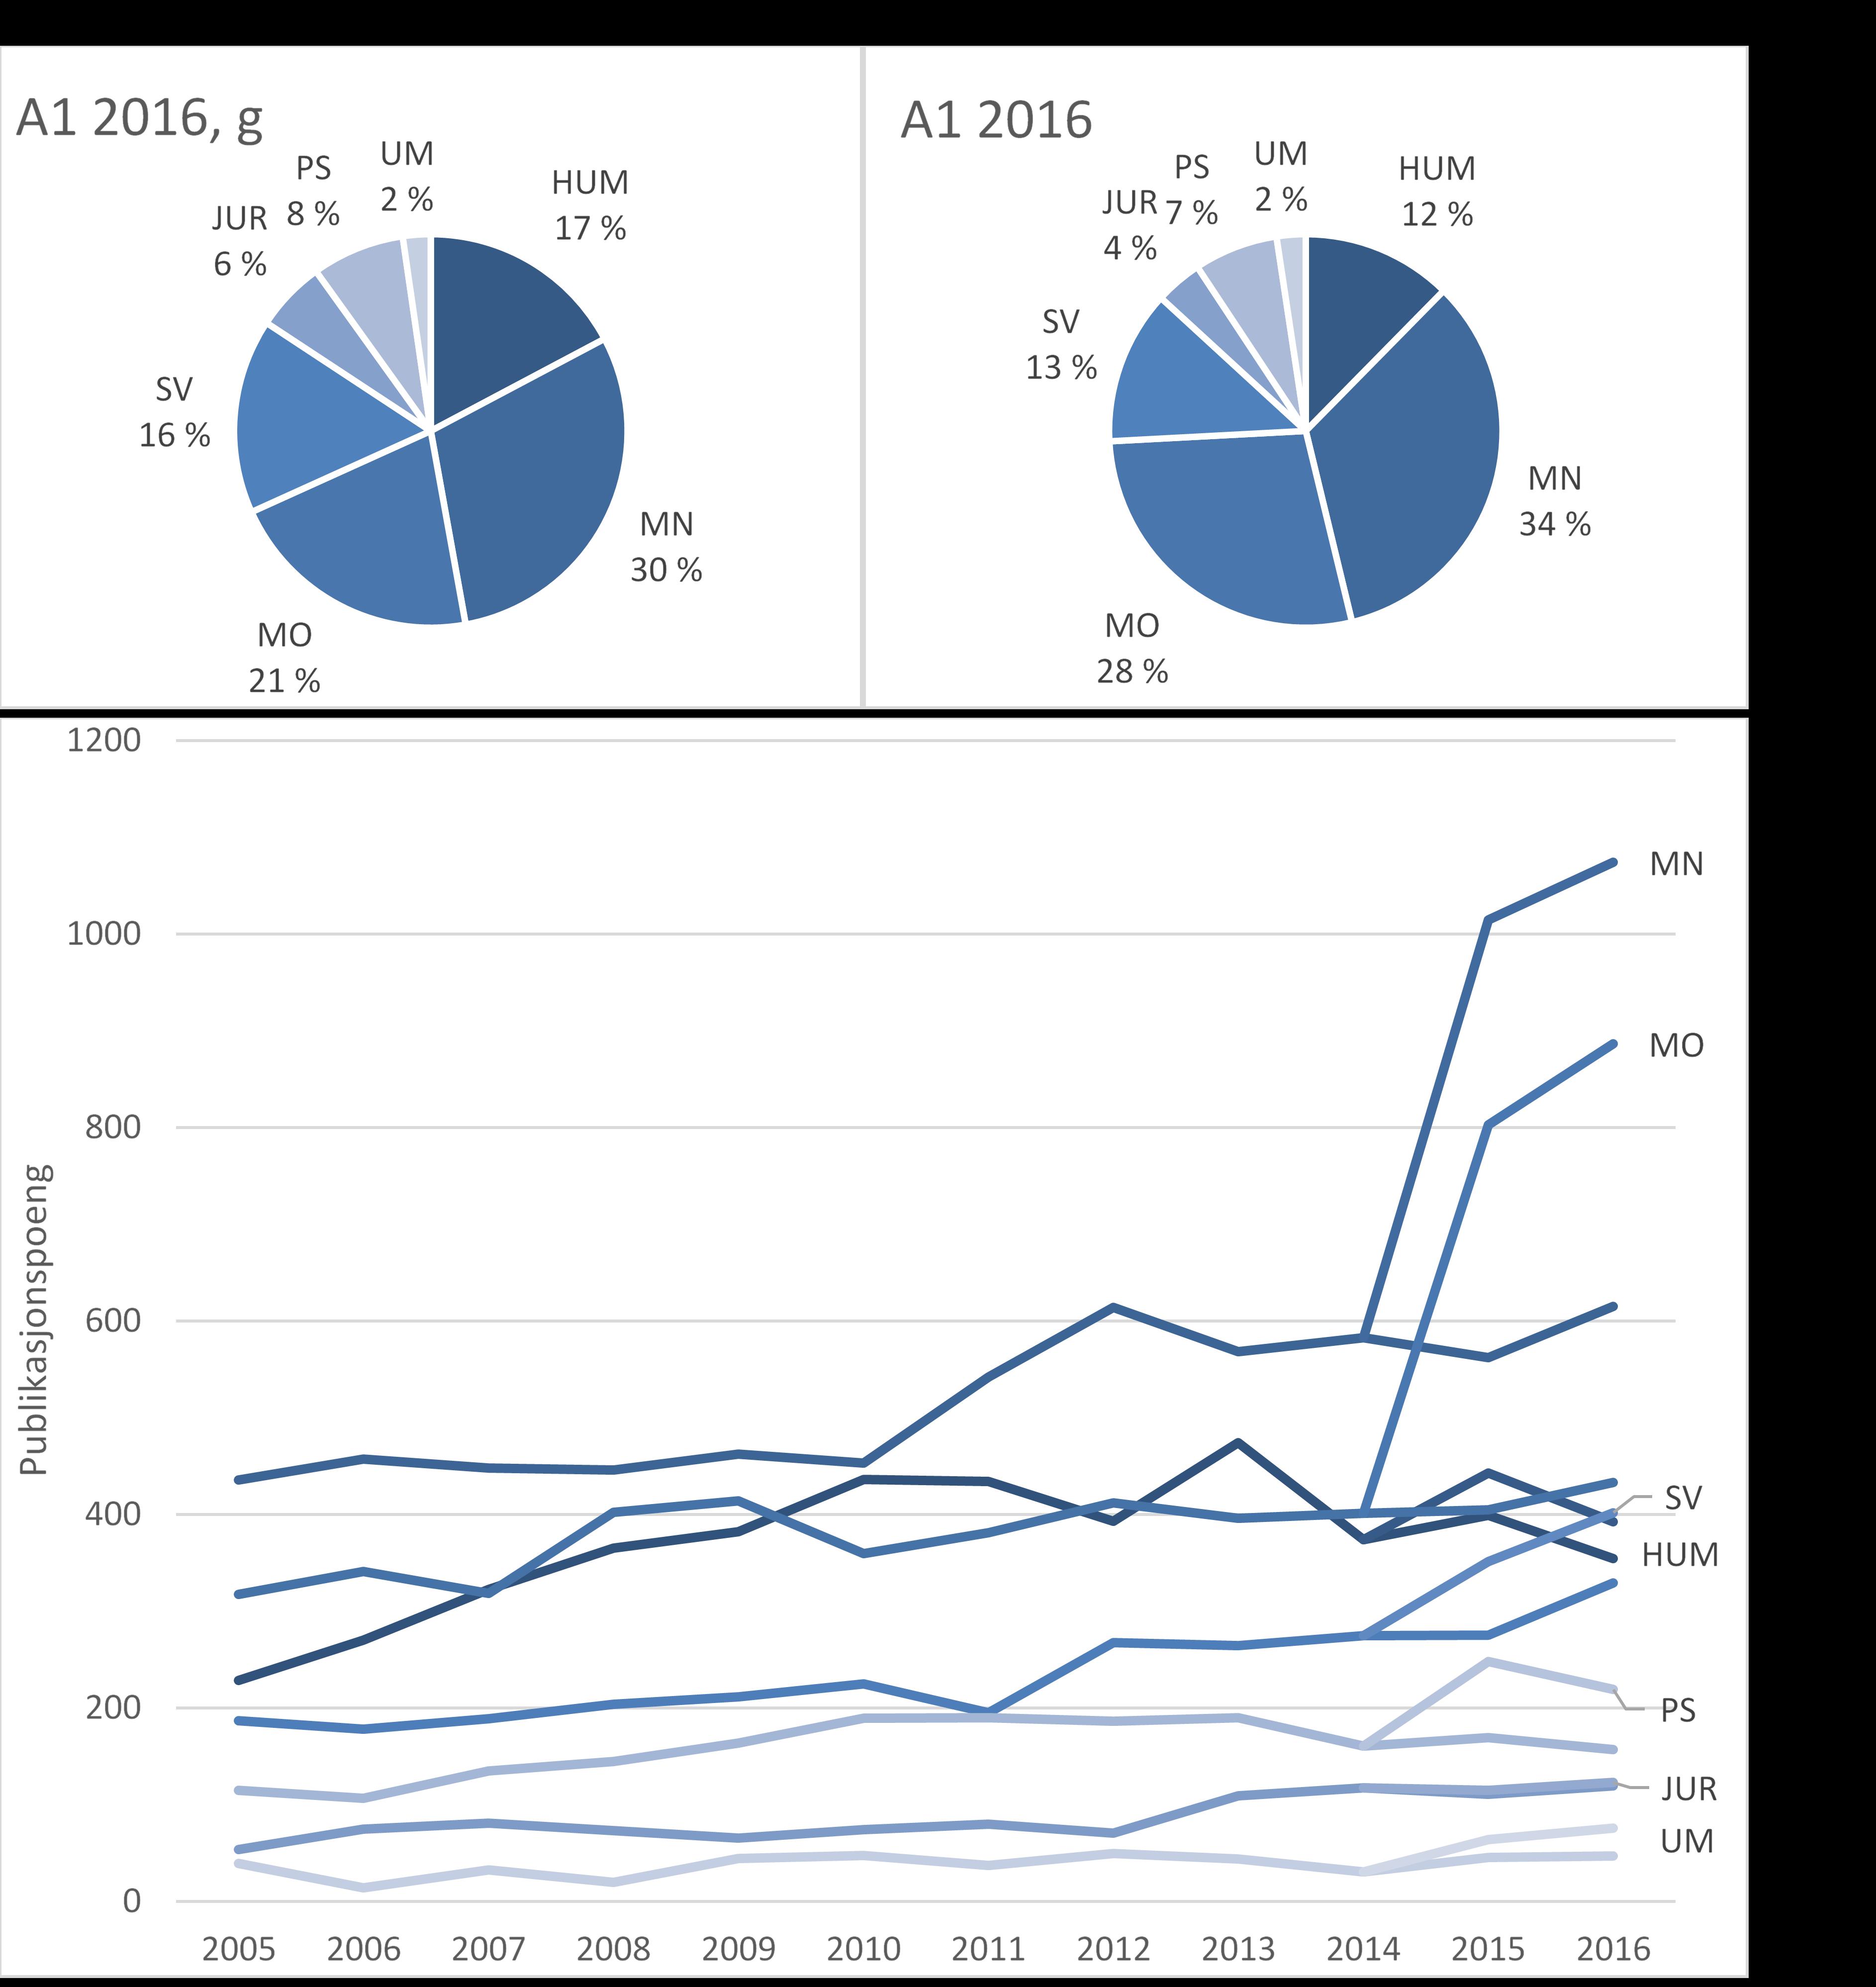 Figur 2: Sum publikasjonspoeng per fakultet etter gammel og ny beregningsmodell (Ceres). Relativ poengfordeling i 2016 (A1 gammel, A2 ny modell). B. Utvikling over tid.